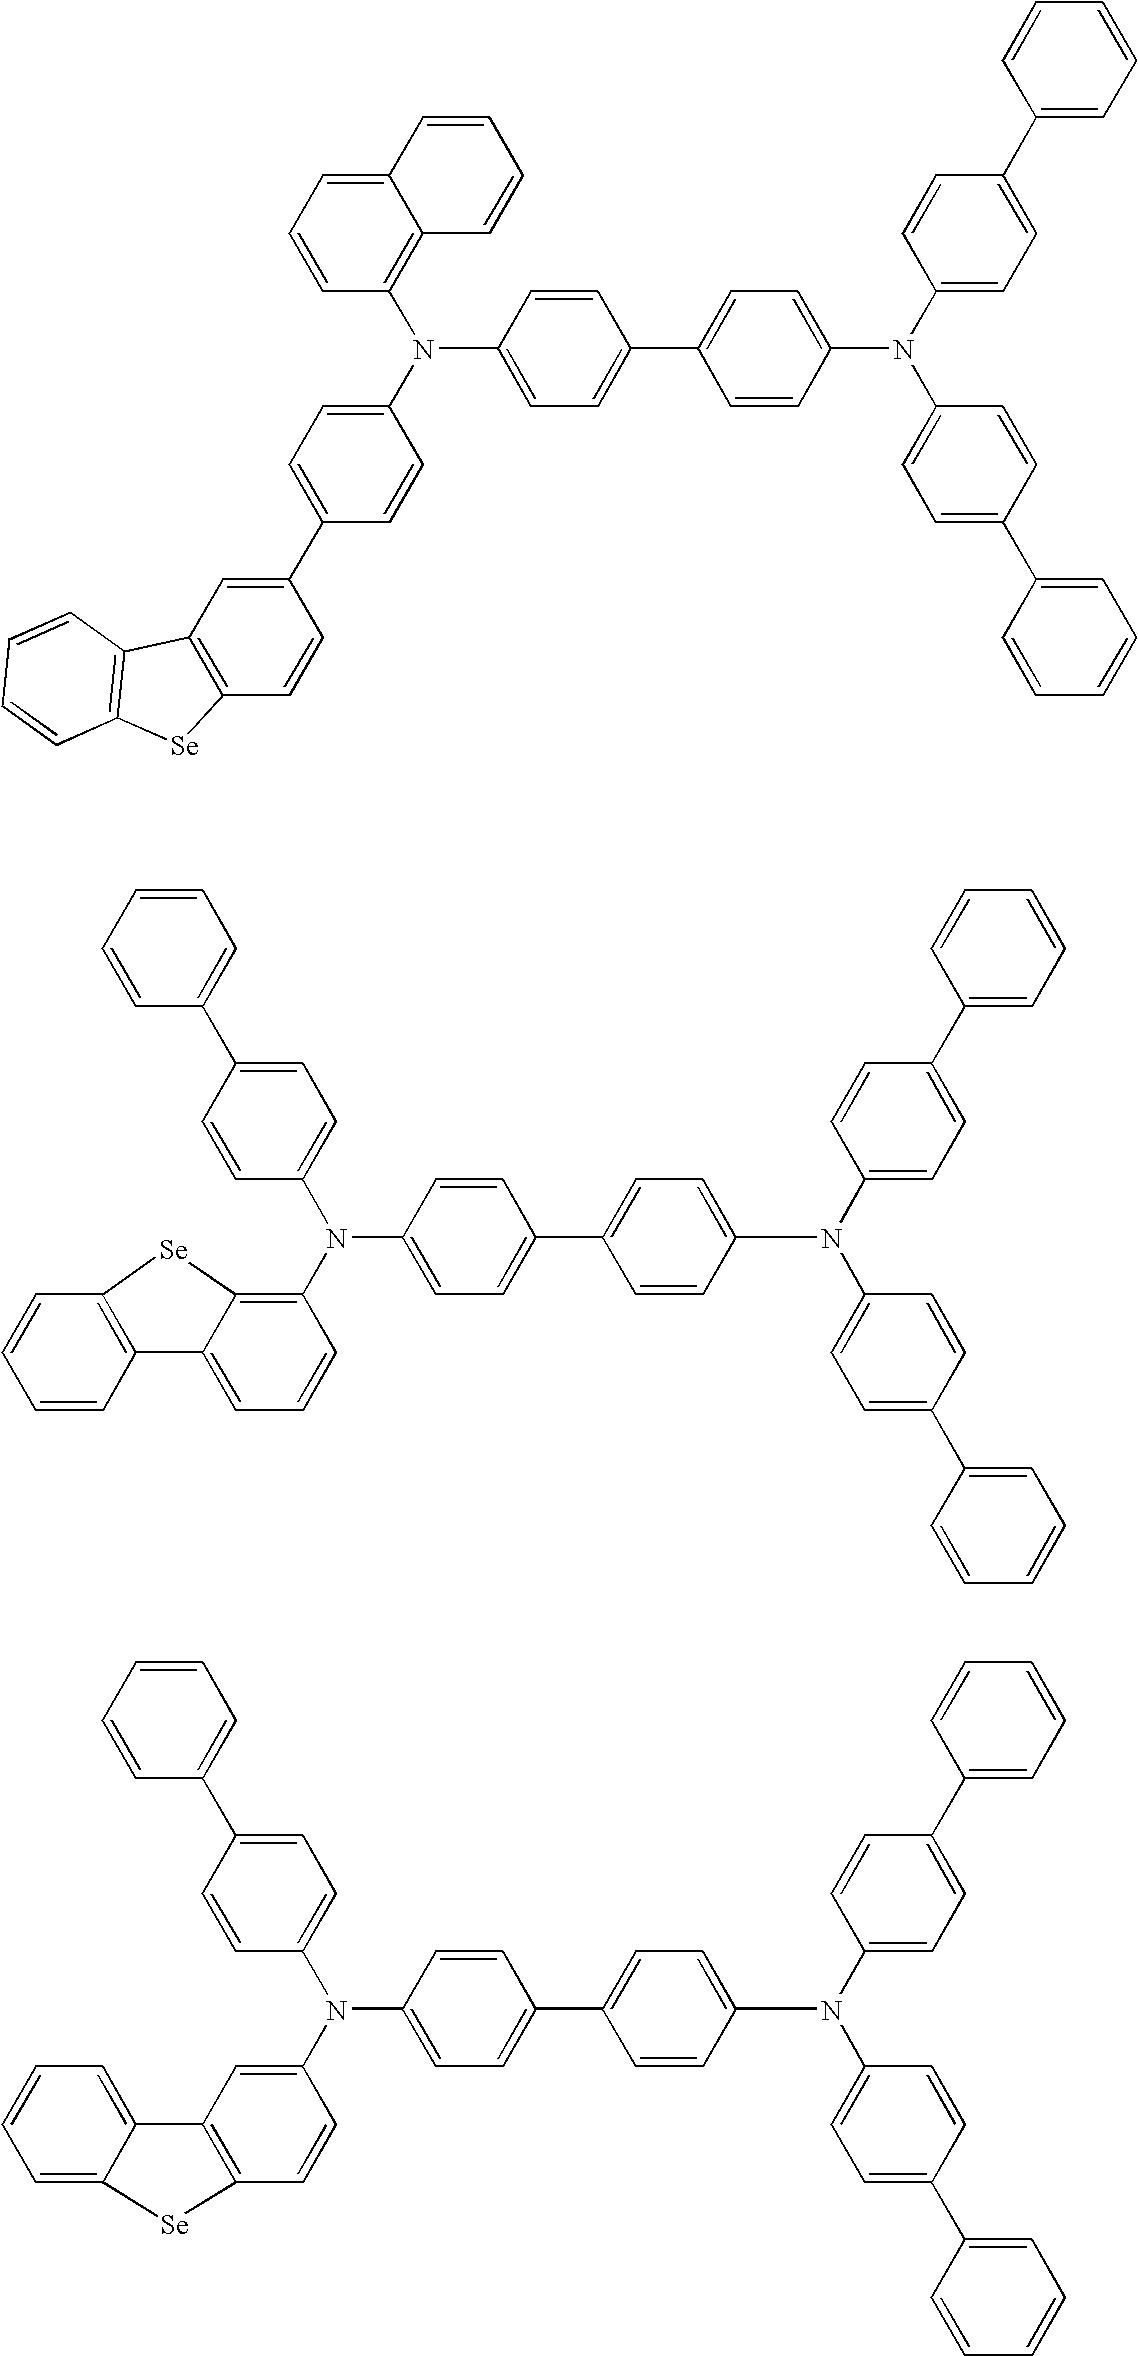 Figure US20100072887A1-20100325-C00020